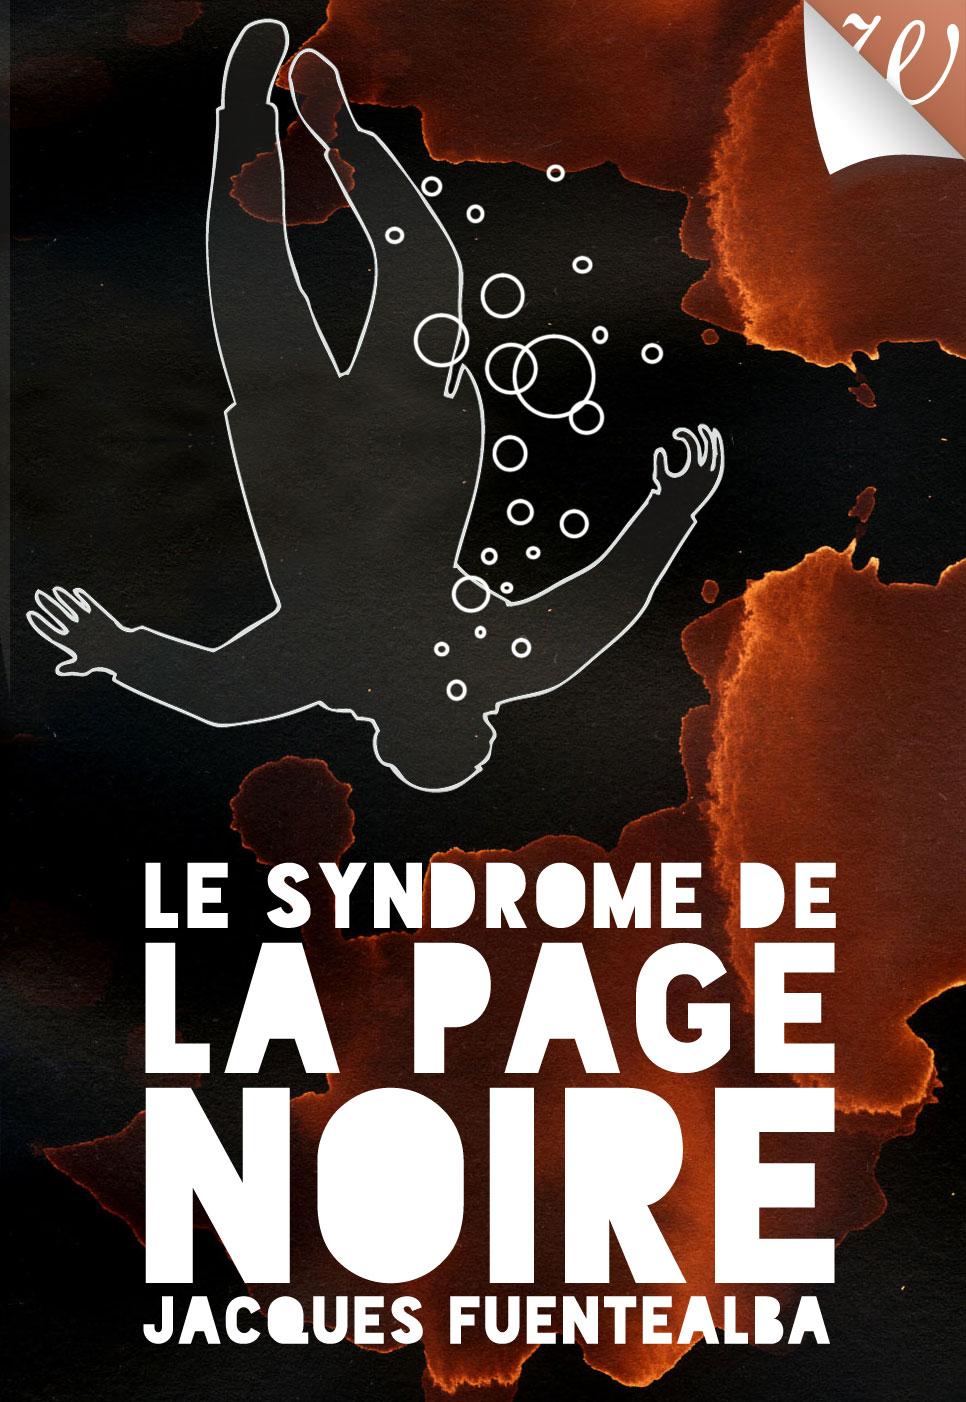 Le syndrome de la page noire